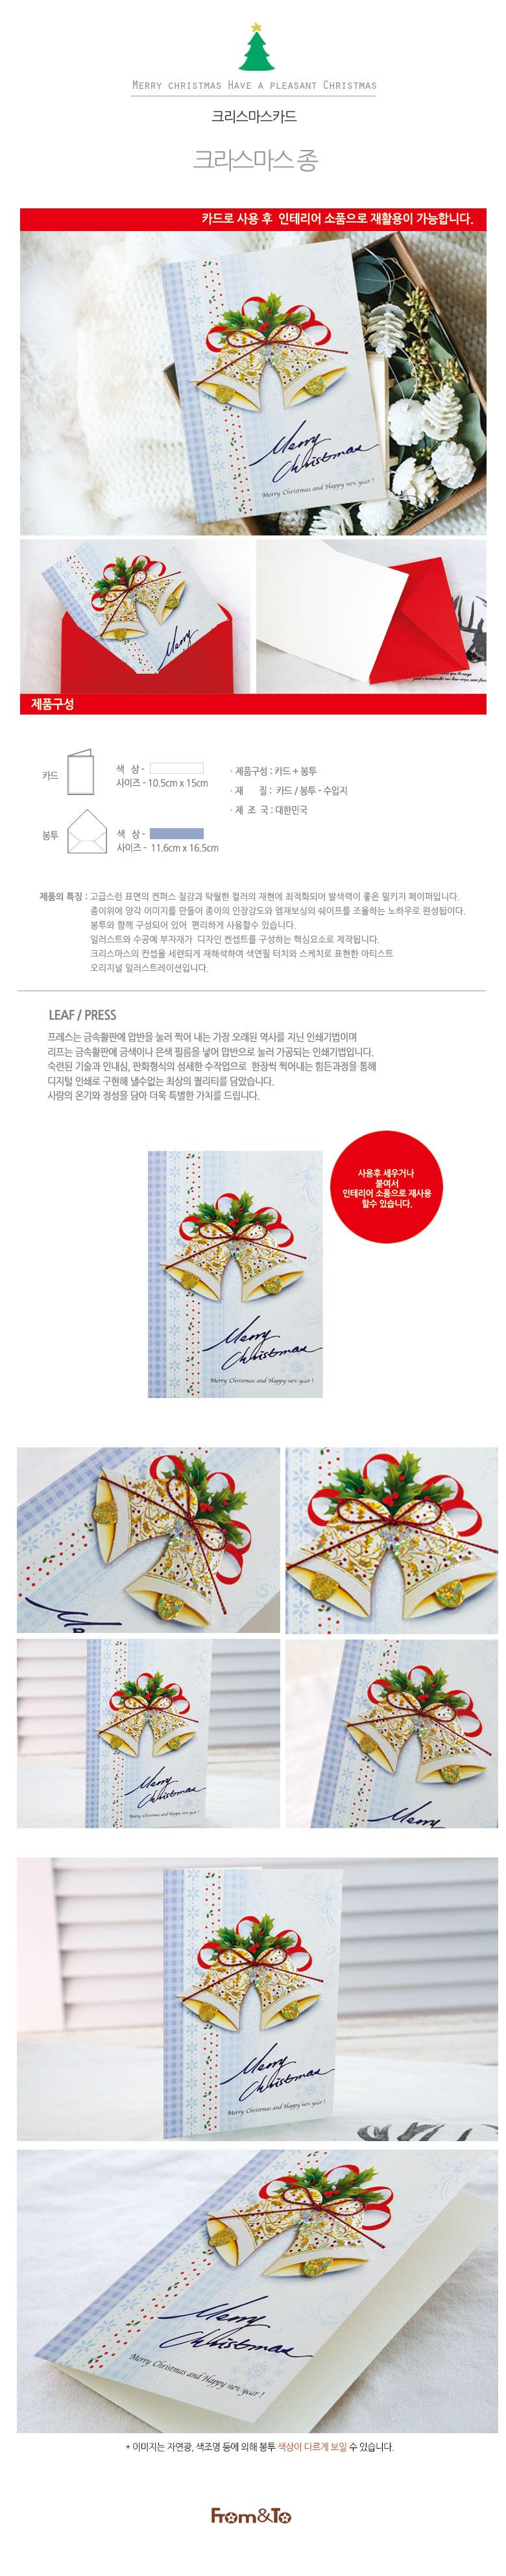 크리스마스 종 FS1028-3 - 프롬앤투, 1,000원, 카드, 크리스마스 카드